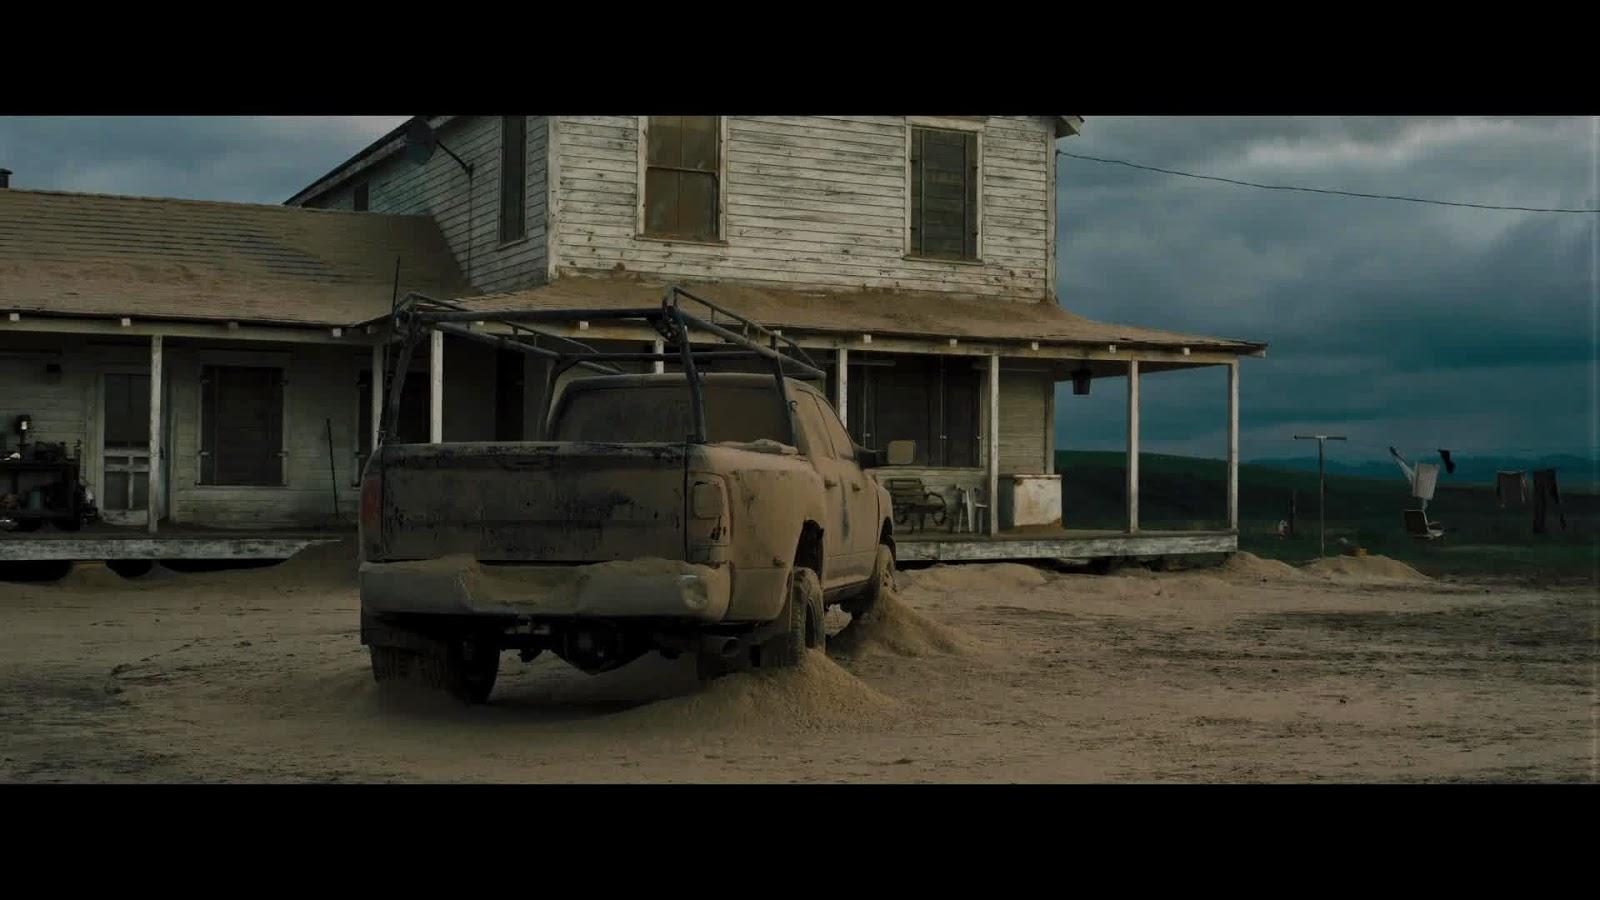 Interstellar Movie Captures on 2013 Dodge Ram 2500 4x4